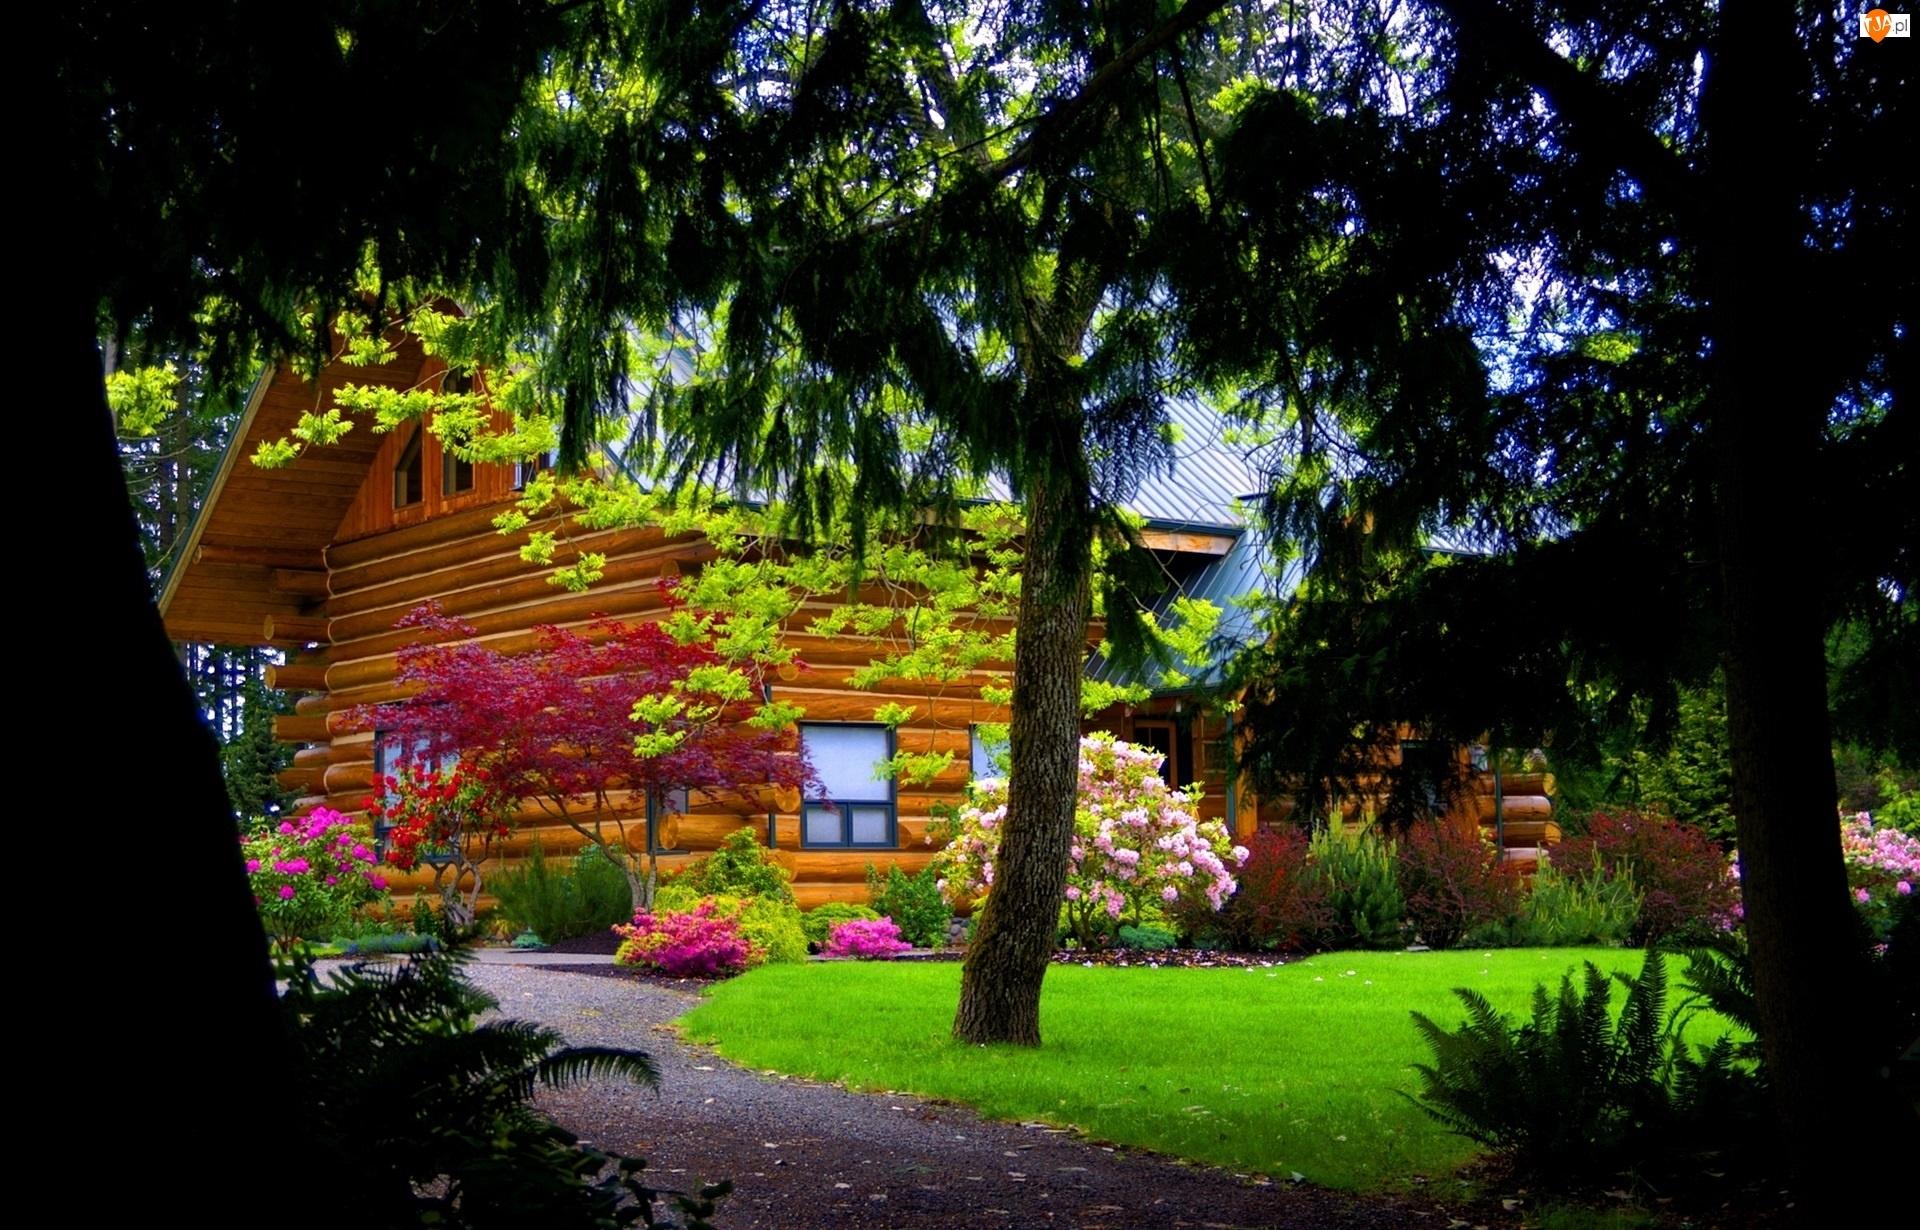 Dom, Wiosna, Drzewa, Krzewy